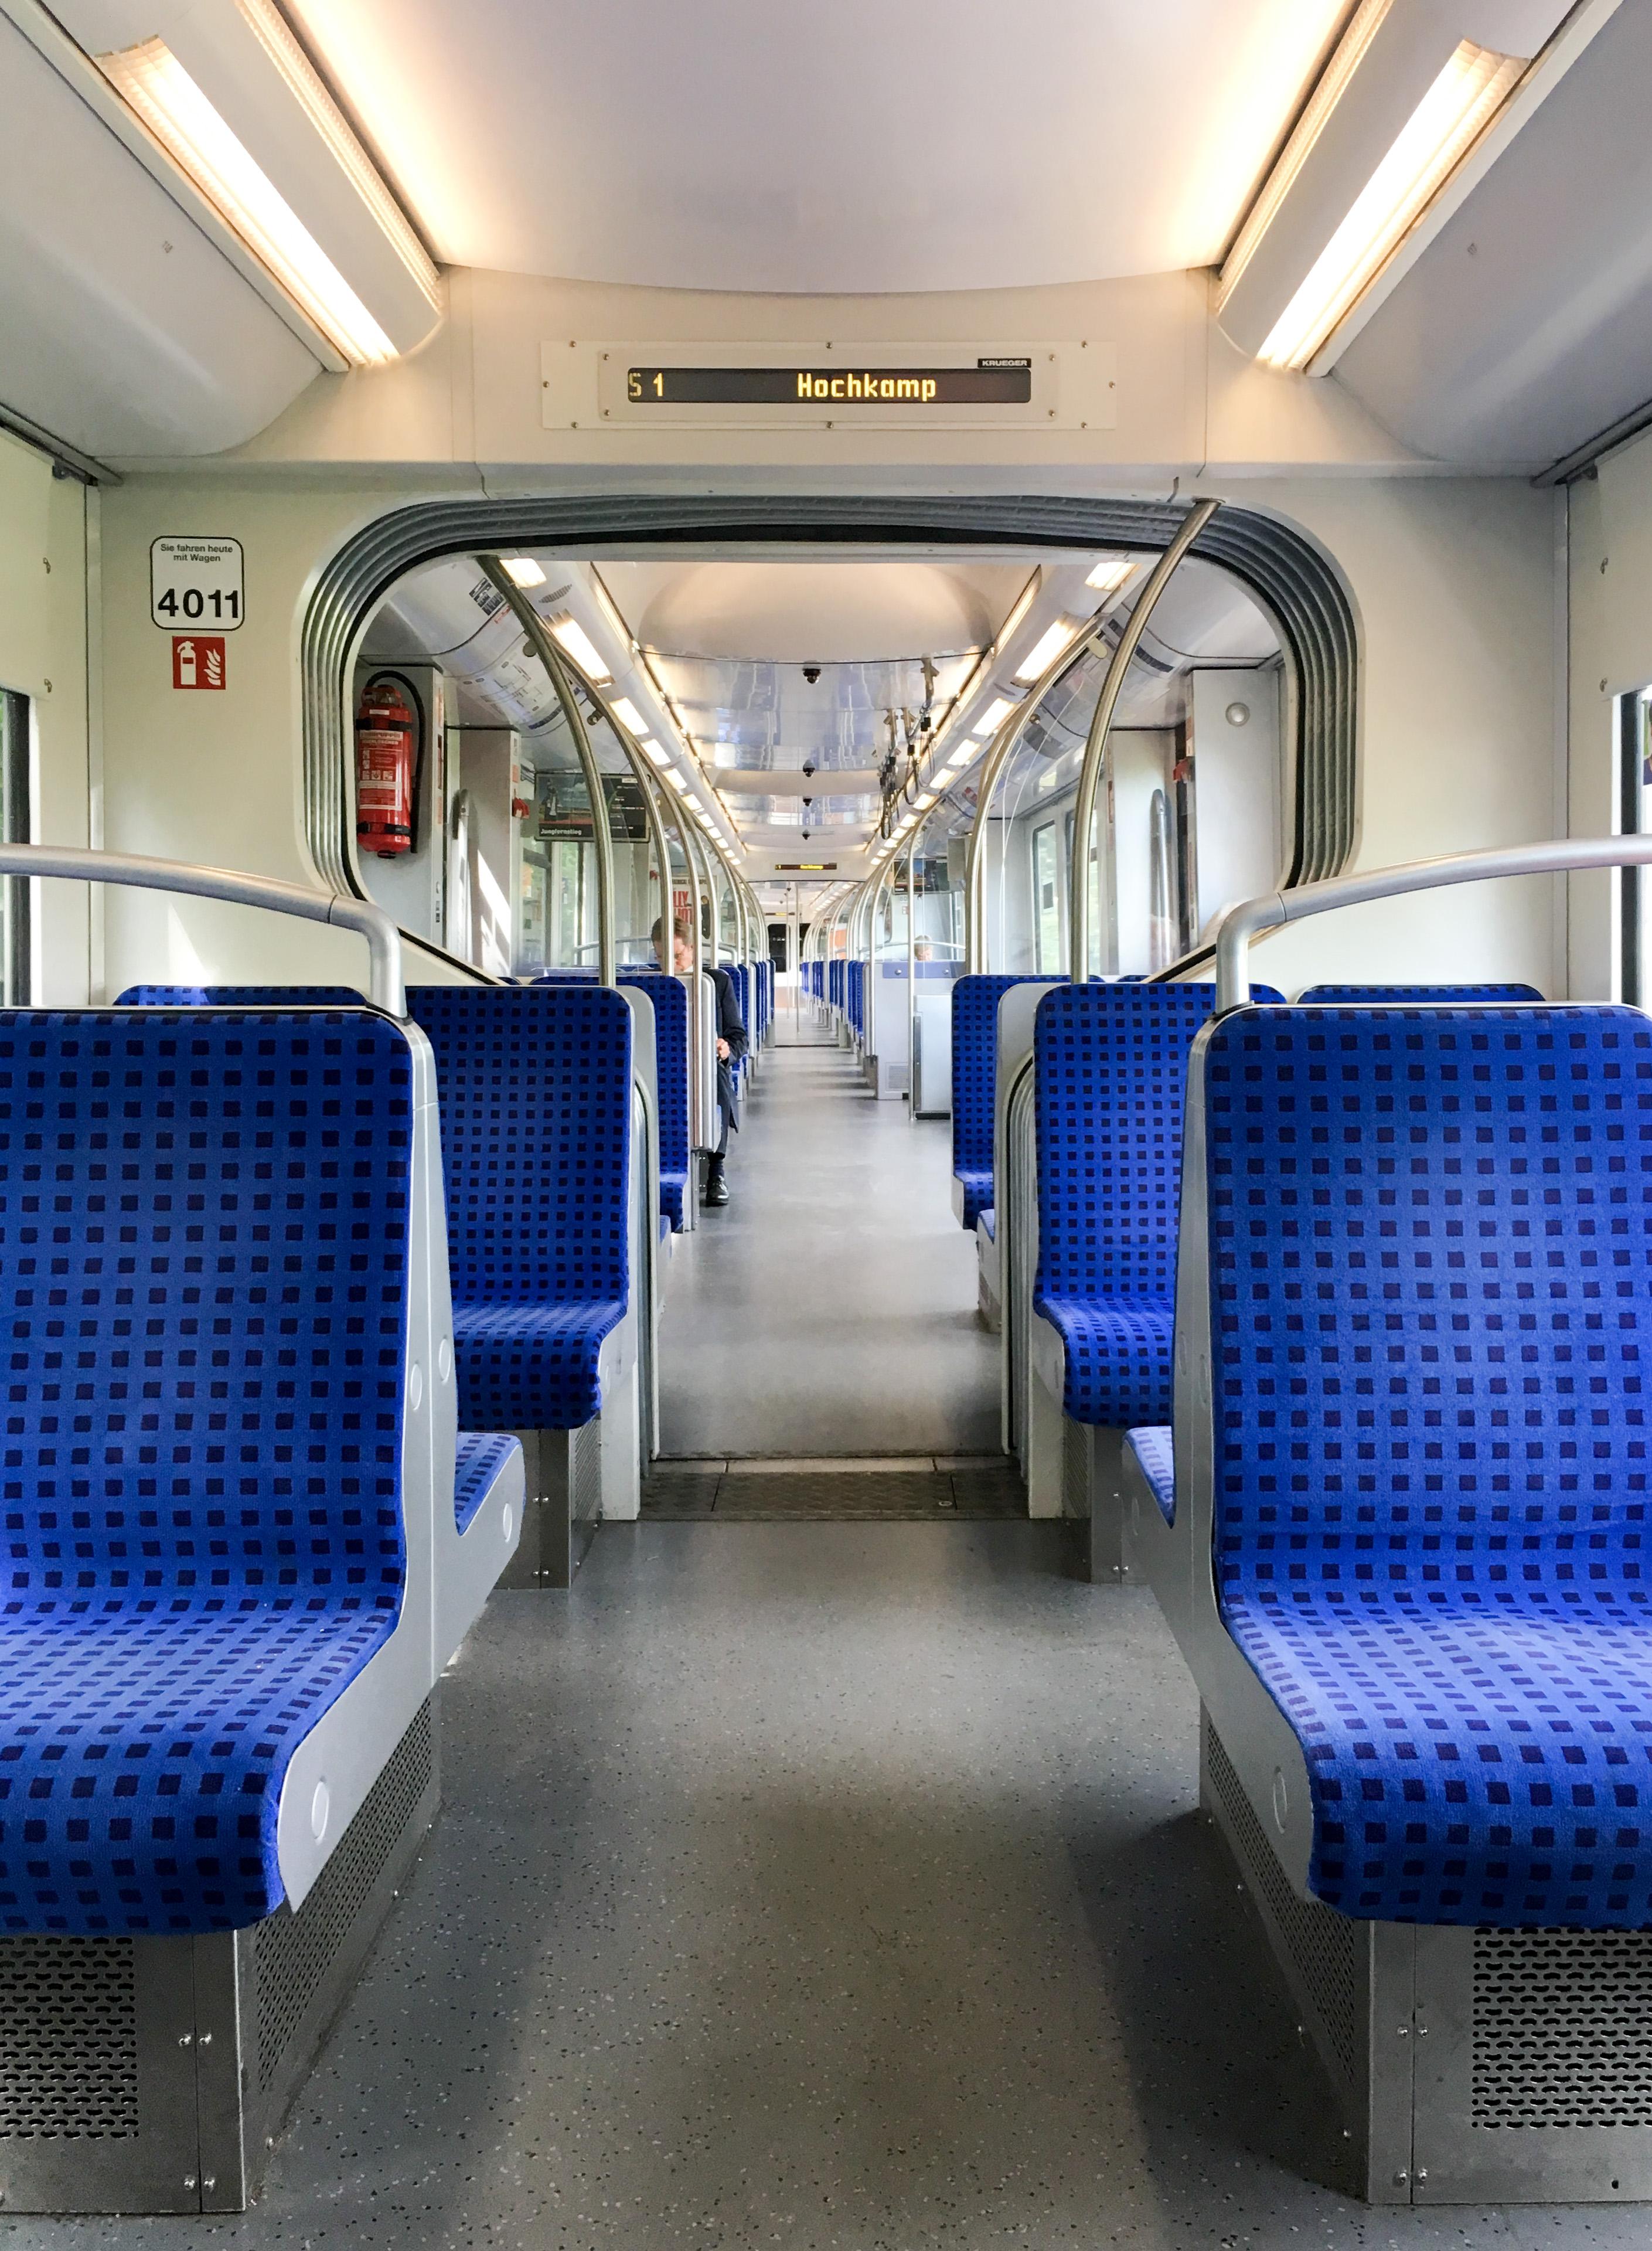 Ziehharmonika S-Bahn